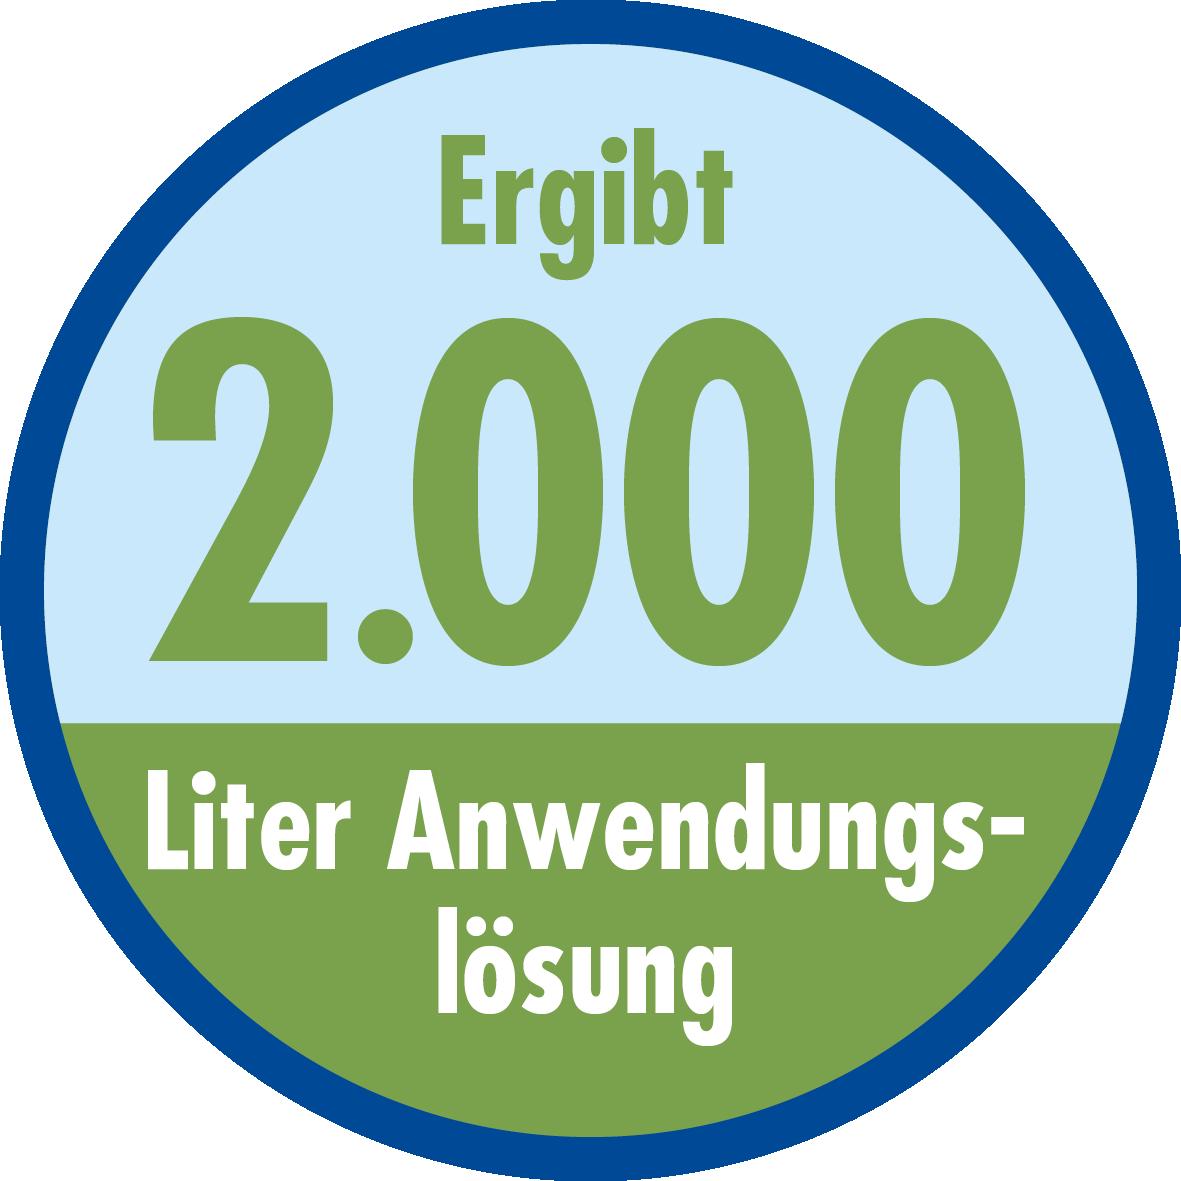 Goed voor 2.000 liter applicatieoplossing